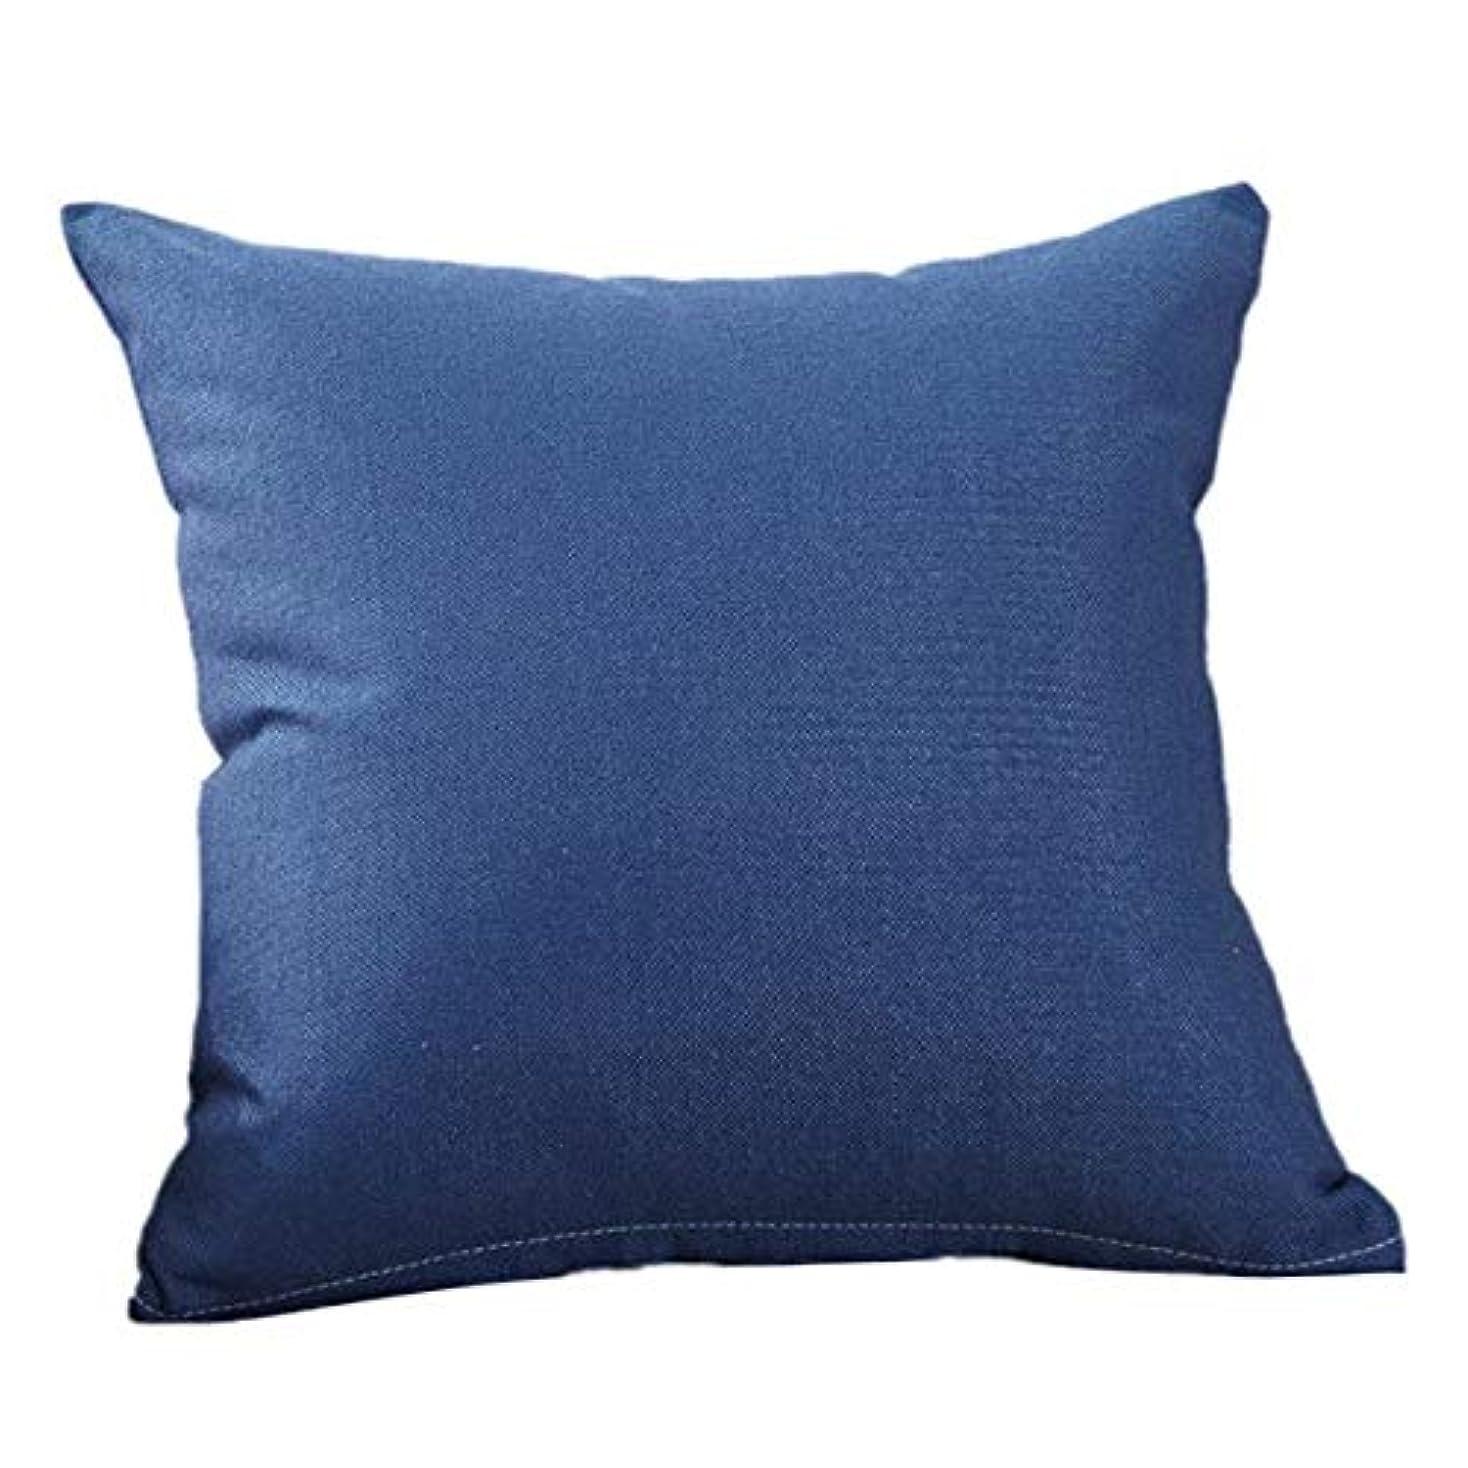 スカープアナロジー麺LIFE クリエイティブシンプルなファッションスロー枕クッションカフェソファクッションのホームインテリア z0403# G20 クッション 椅子